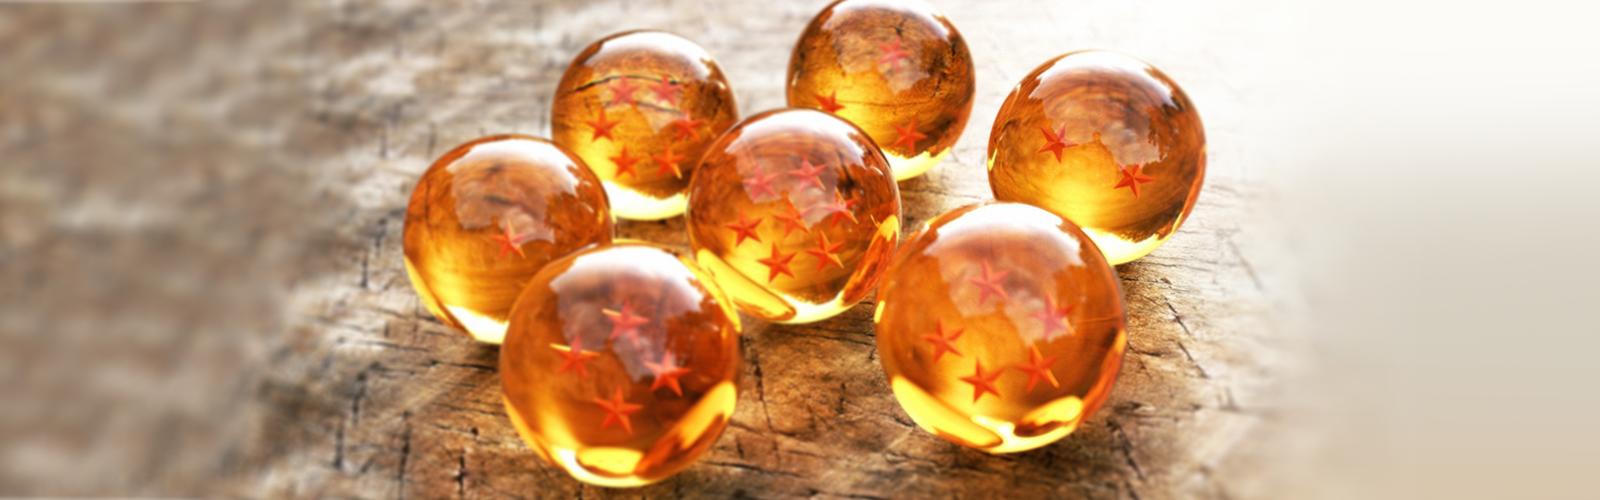 esferas4.5.png